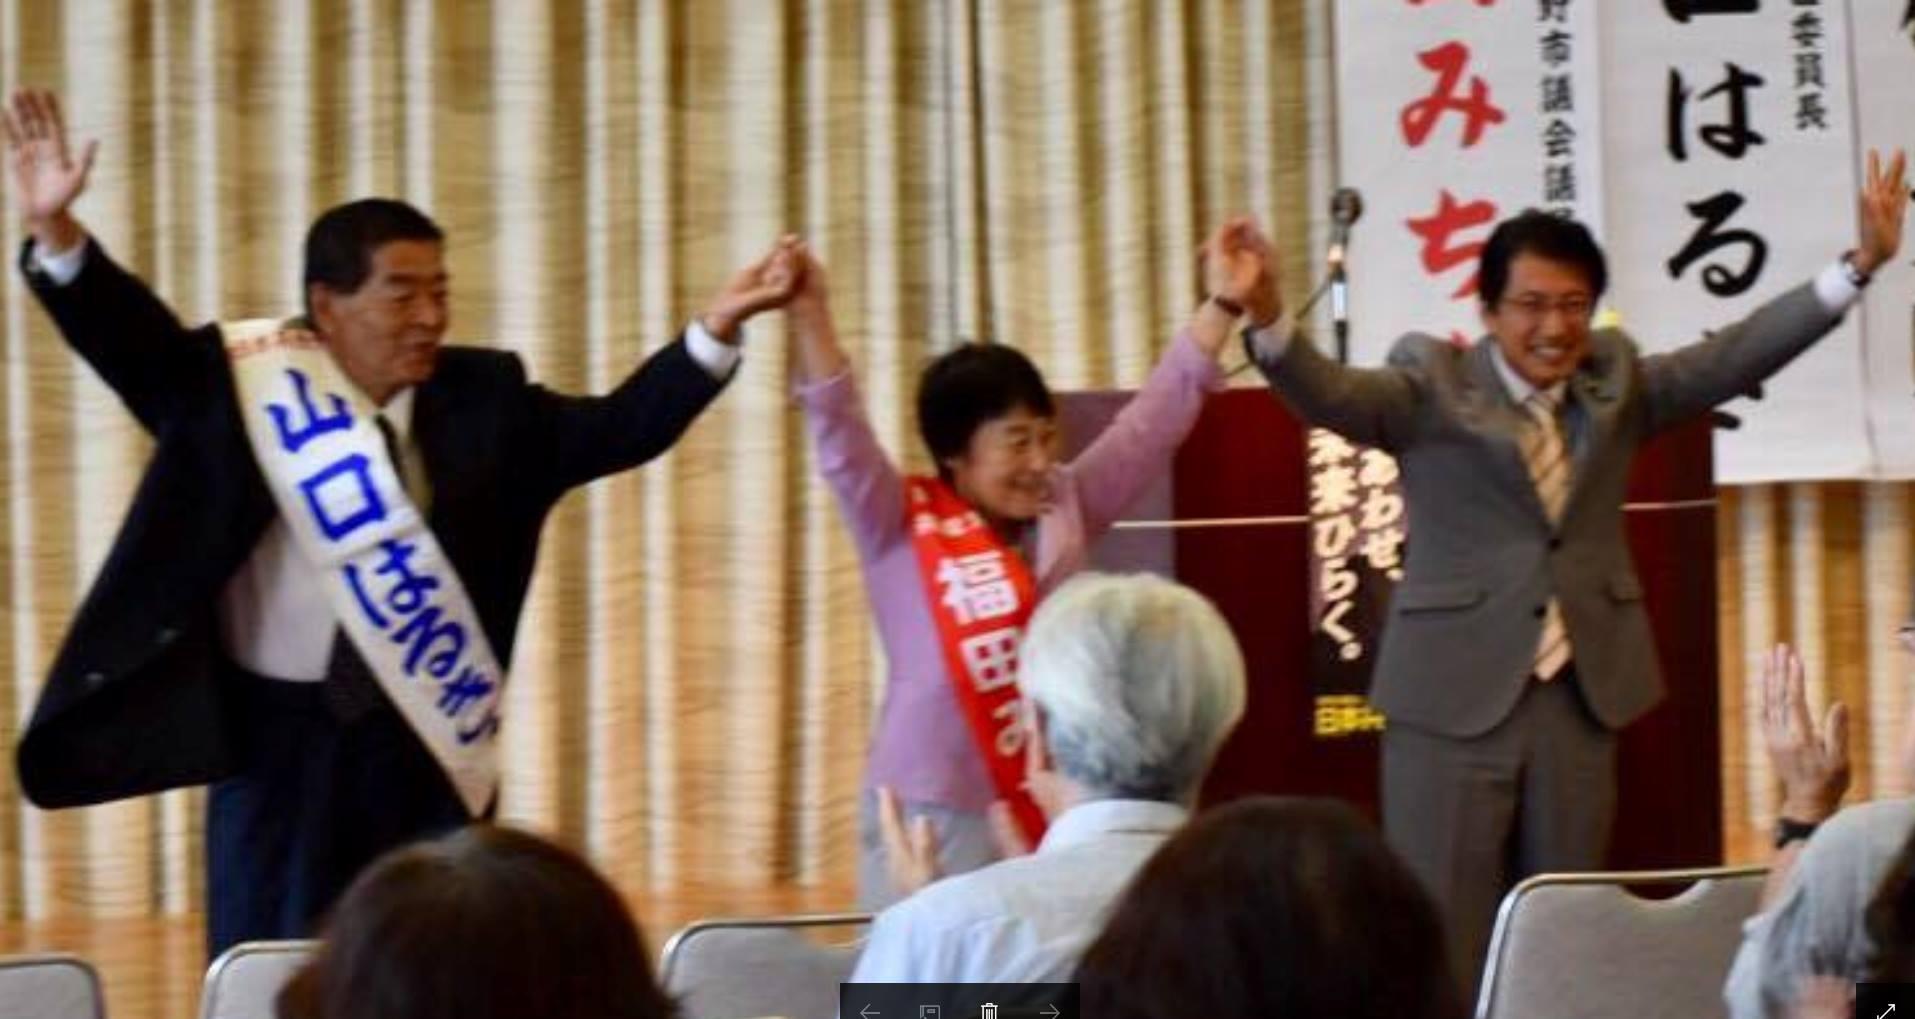 いちき串木野市で演説会=9月23日